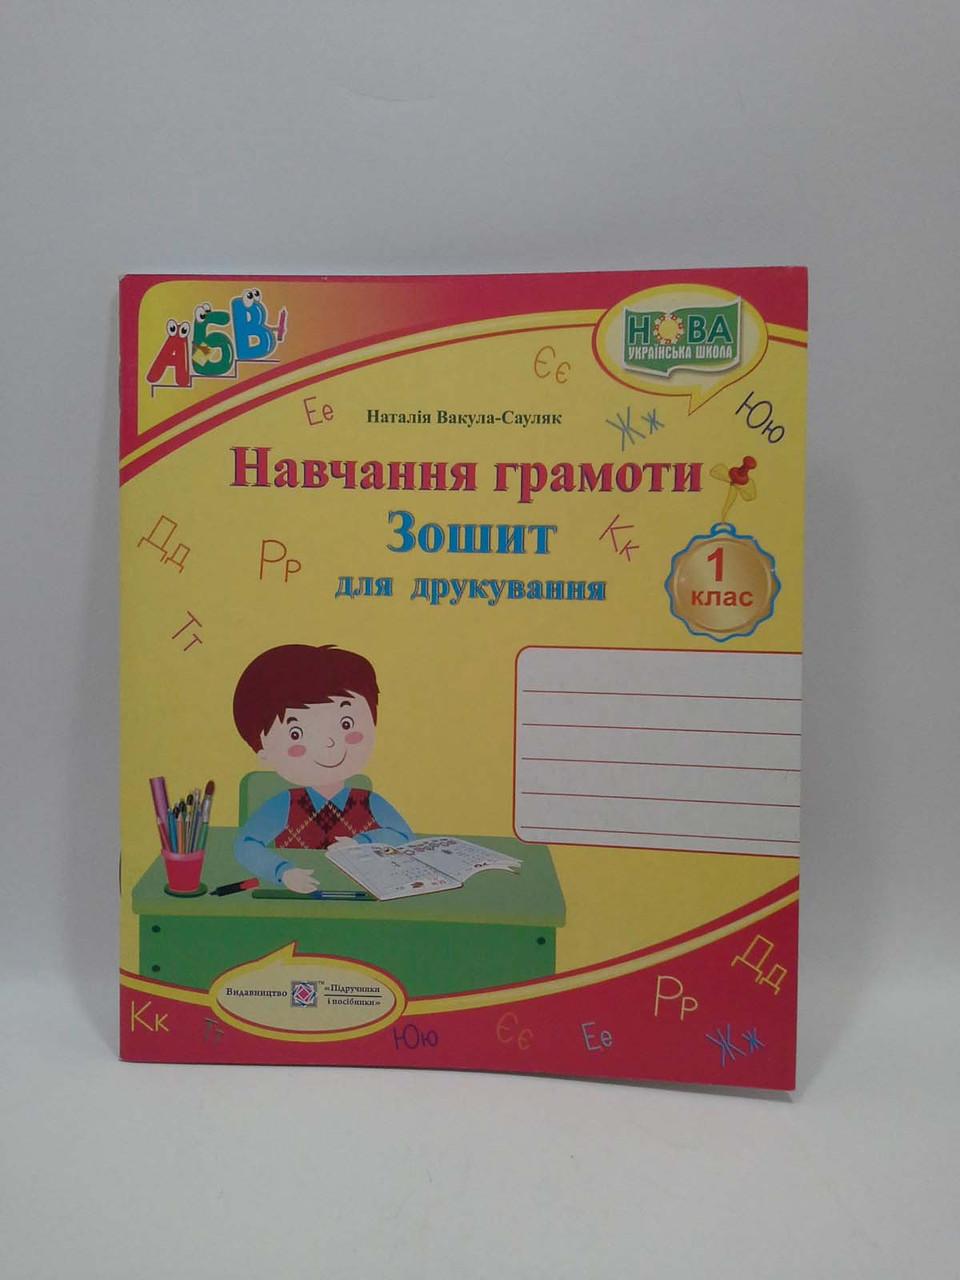 Зошит для друкування навчання грамоти 1 клас Вакула-Савуляк ПіП